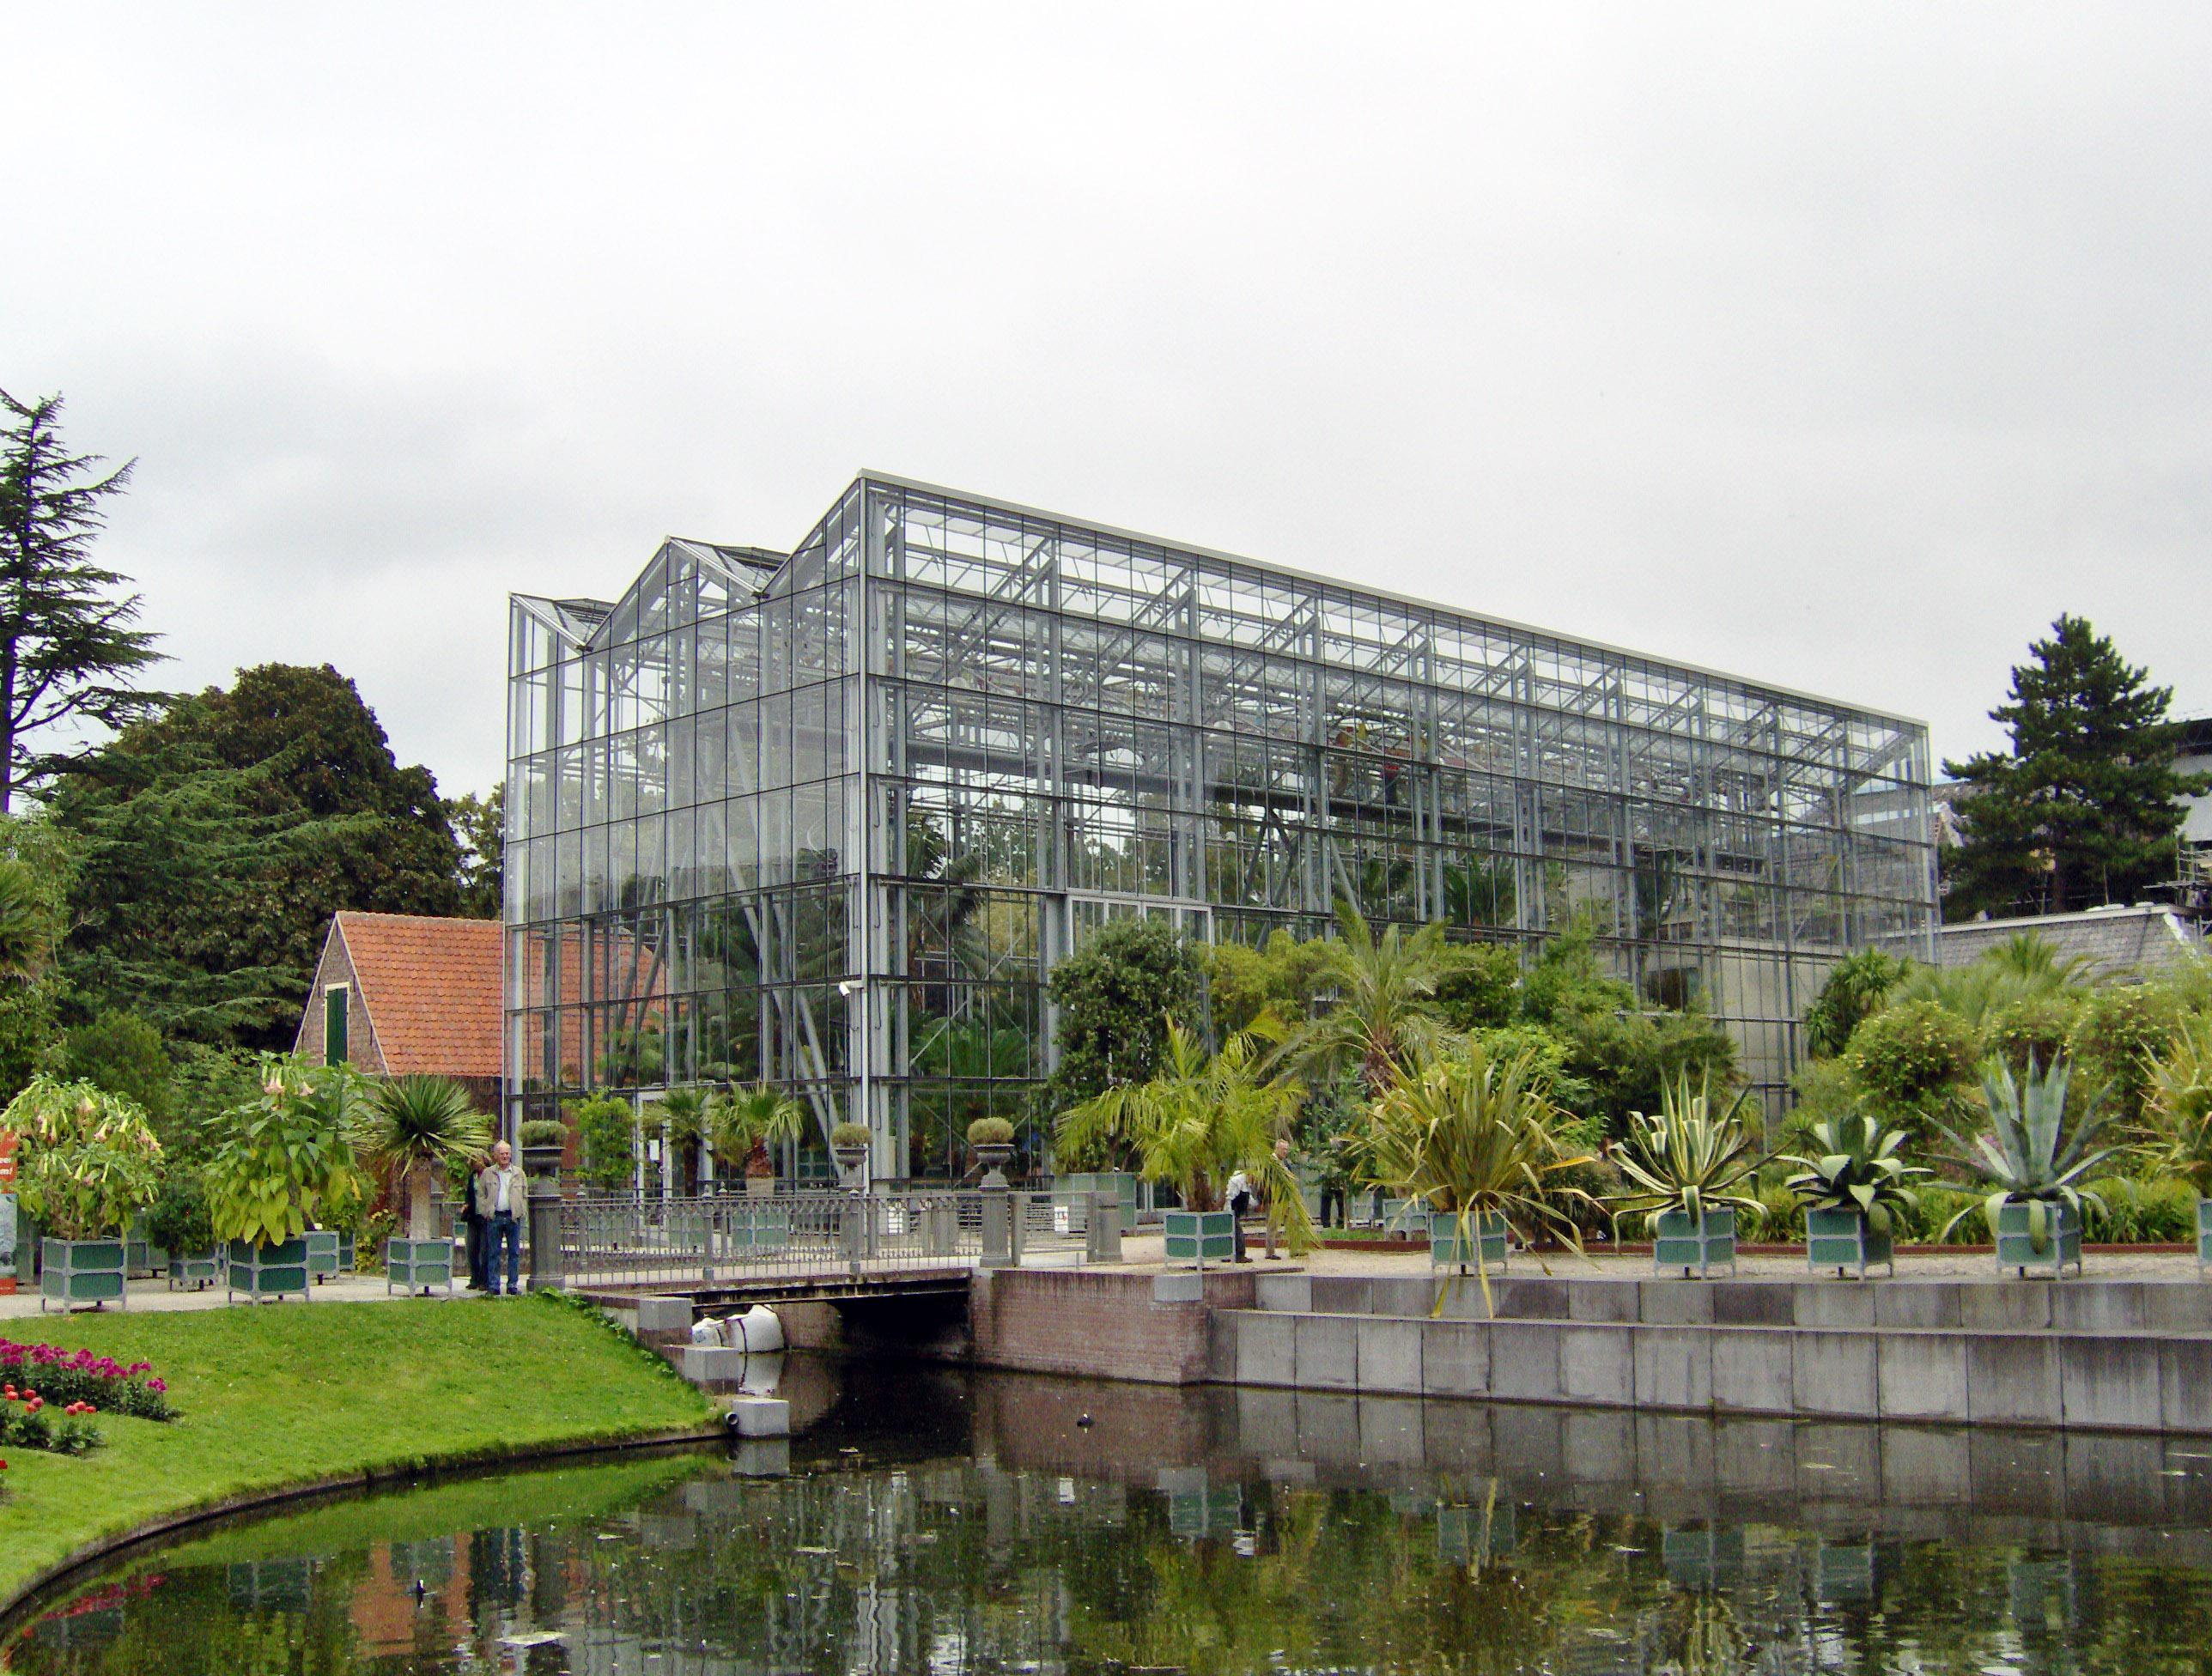 Hortus botanicus photo